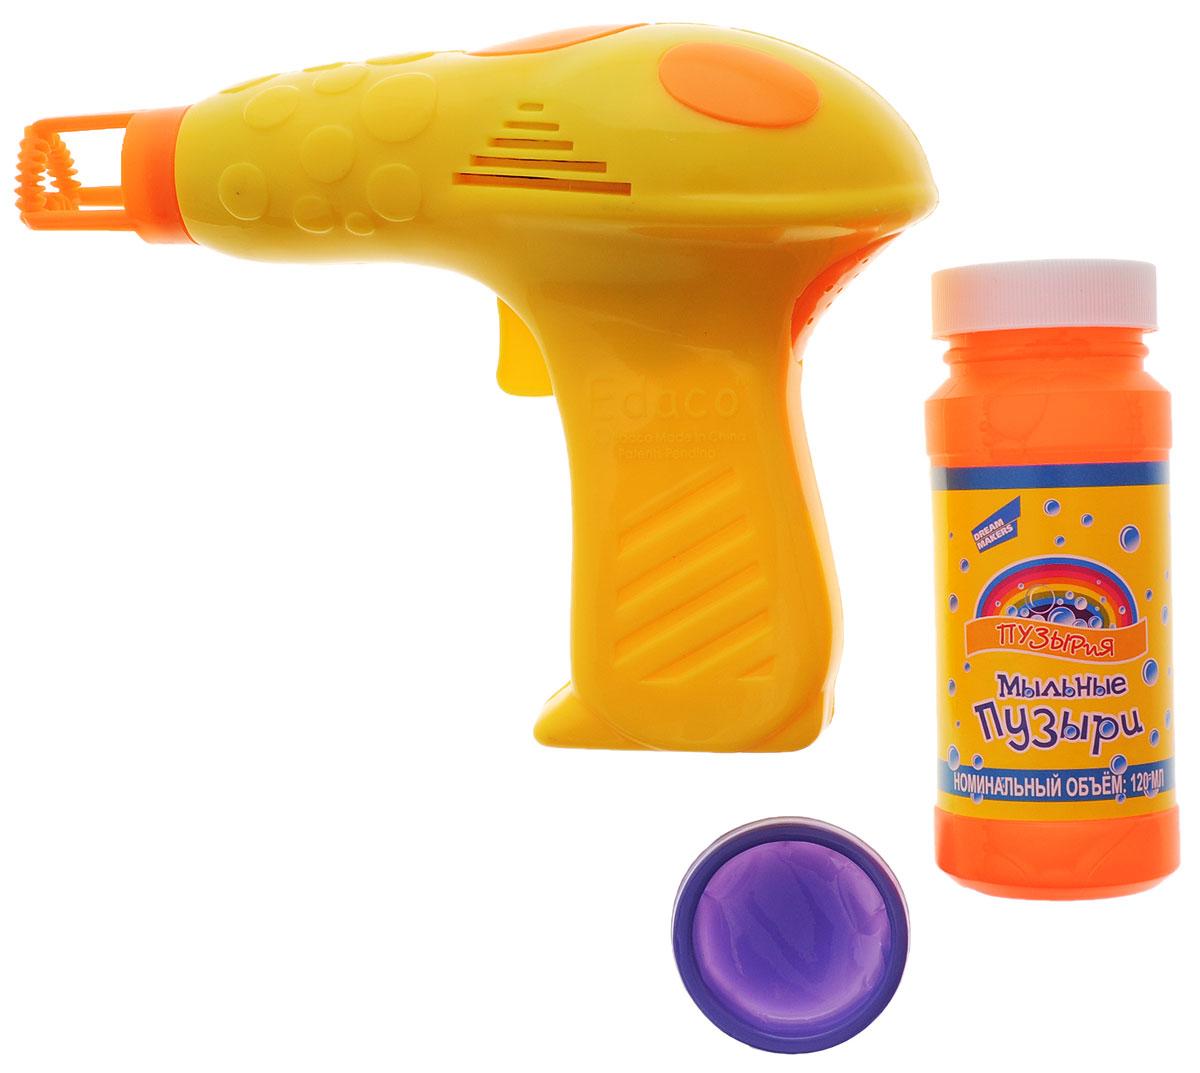 Пузырия Набор для пускания мыльных пузырей Пузырьмет305Все дети обожают пускать мыльные пузыри, а с набором для пускания мыльных пузырей Пузырия Пузырьмет это будет еще интереснее! Набор состоит из пистолета для пускания мыльных пузырей и мыльного раствора и ванночки для для мыльного раствора. Пистолет выполнен в яркой цветовой гамме. Налейте раствор в ванночку примерно до половины глубины, окуните кольца приспособления в раствор и направьте приспособление в сторону. Нажмите на пусковой крючок несколько раз. Игрушка будет пускать красочные пузыри, которые будут переливаться всеми цветами радуги и парить в воздухе, радуя всех окружающих. Для работы игрушки необходимо купить 2 батарейки напряжением 1,5V типа АА (не входят в комплект).